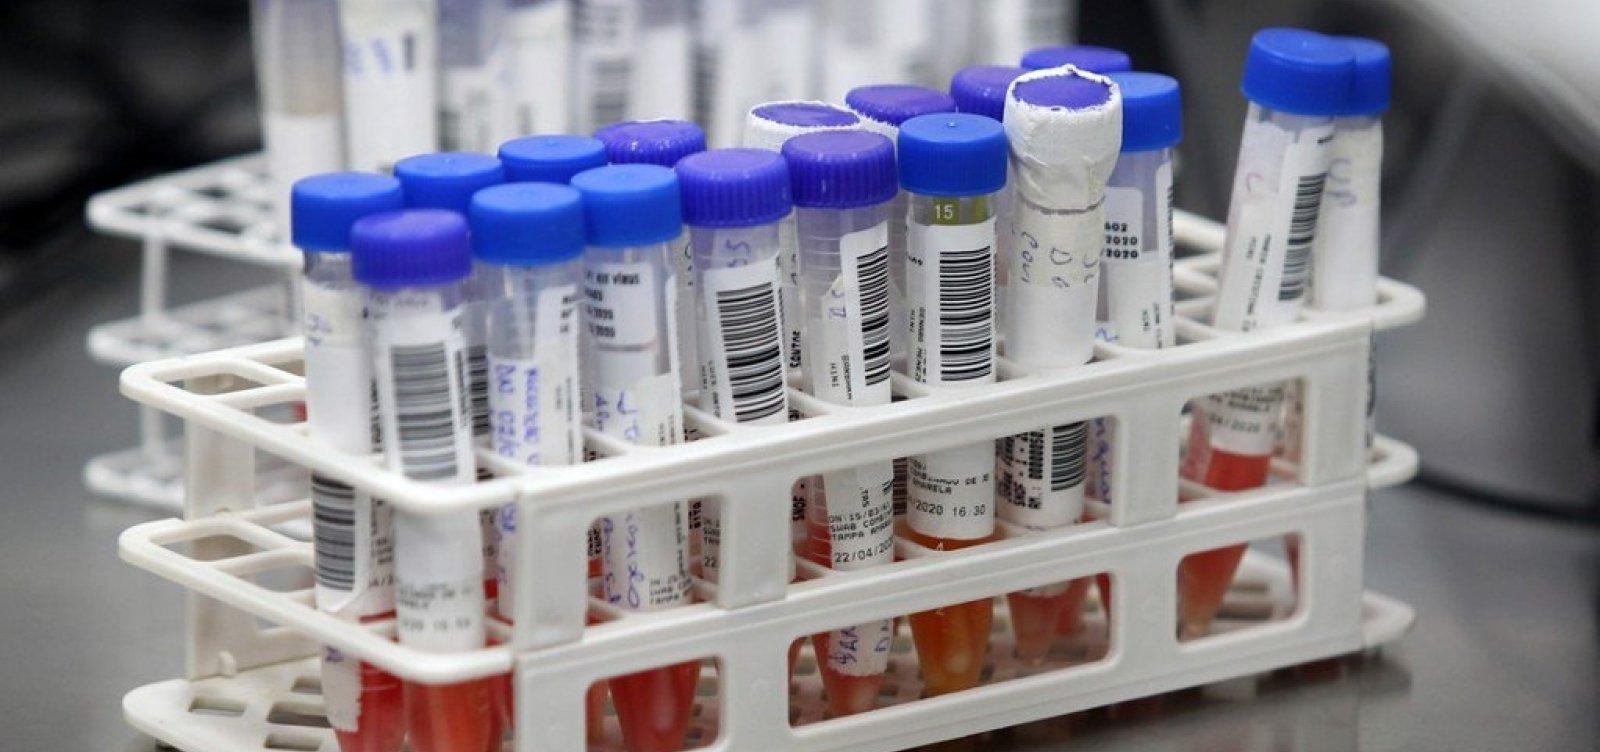 [Pandemia de coronavírus já matou 300 mil pessoas no mundo]